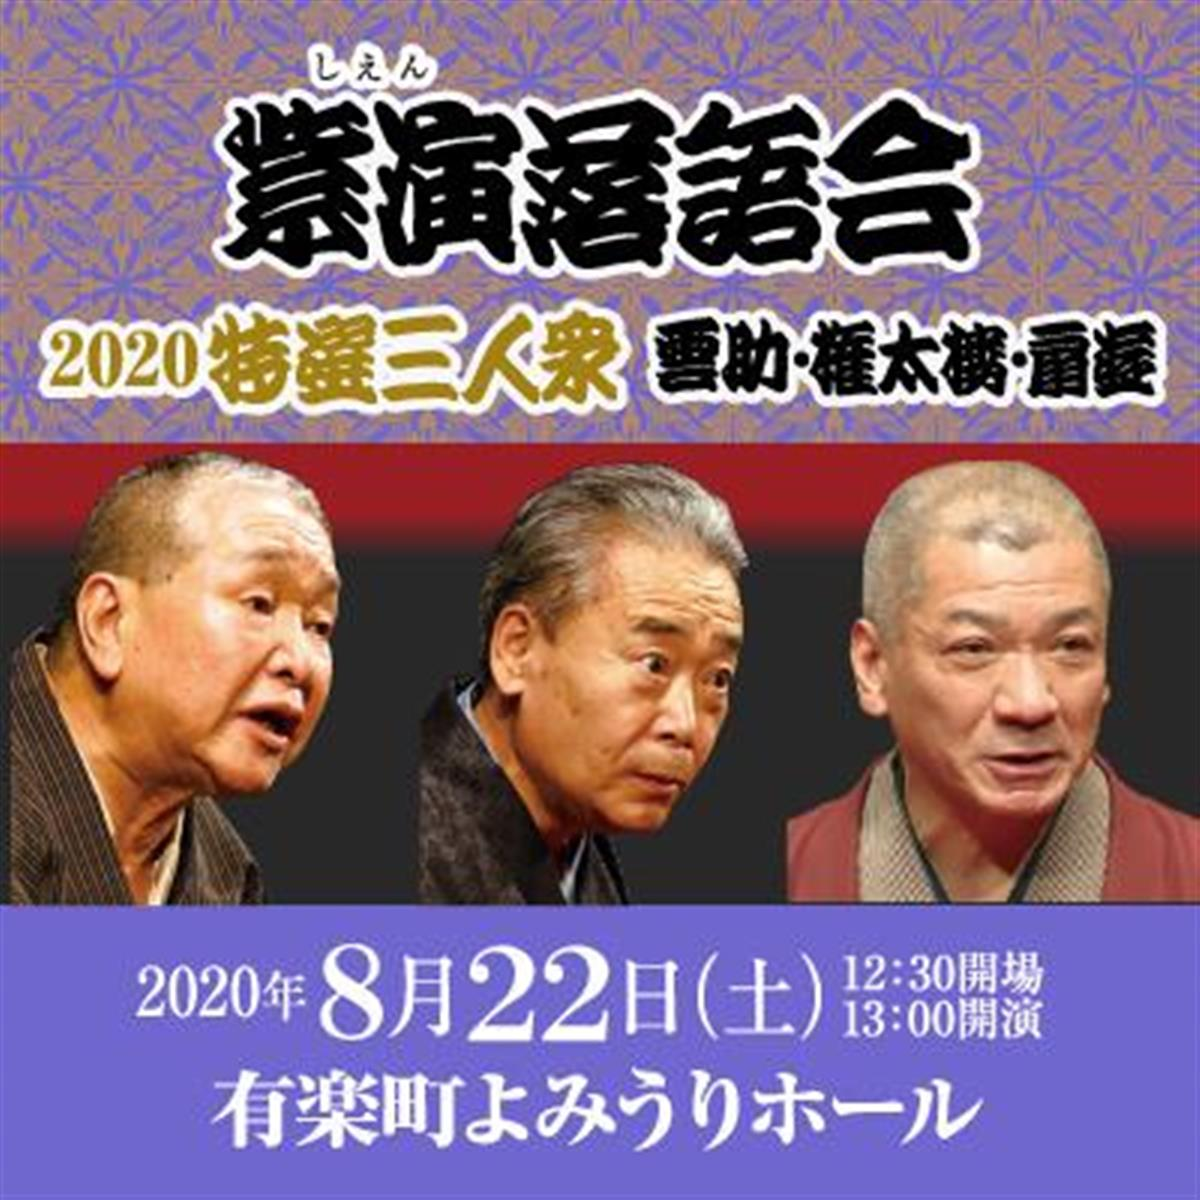 「紫演落語会2020」ハイブリッド公演のチケットを販売中!